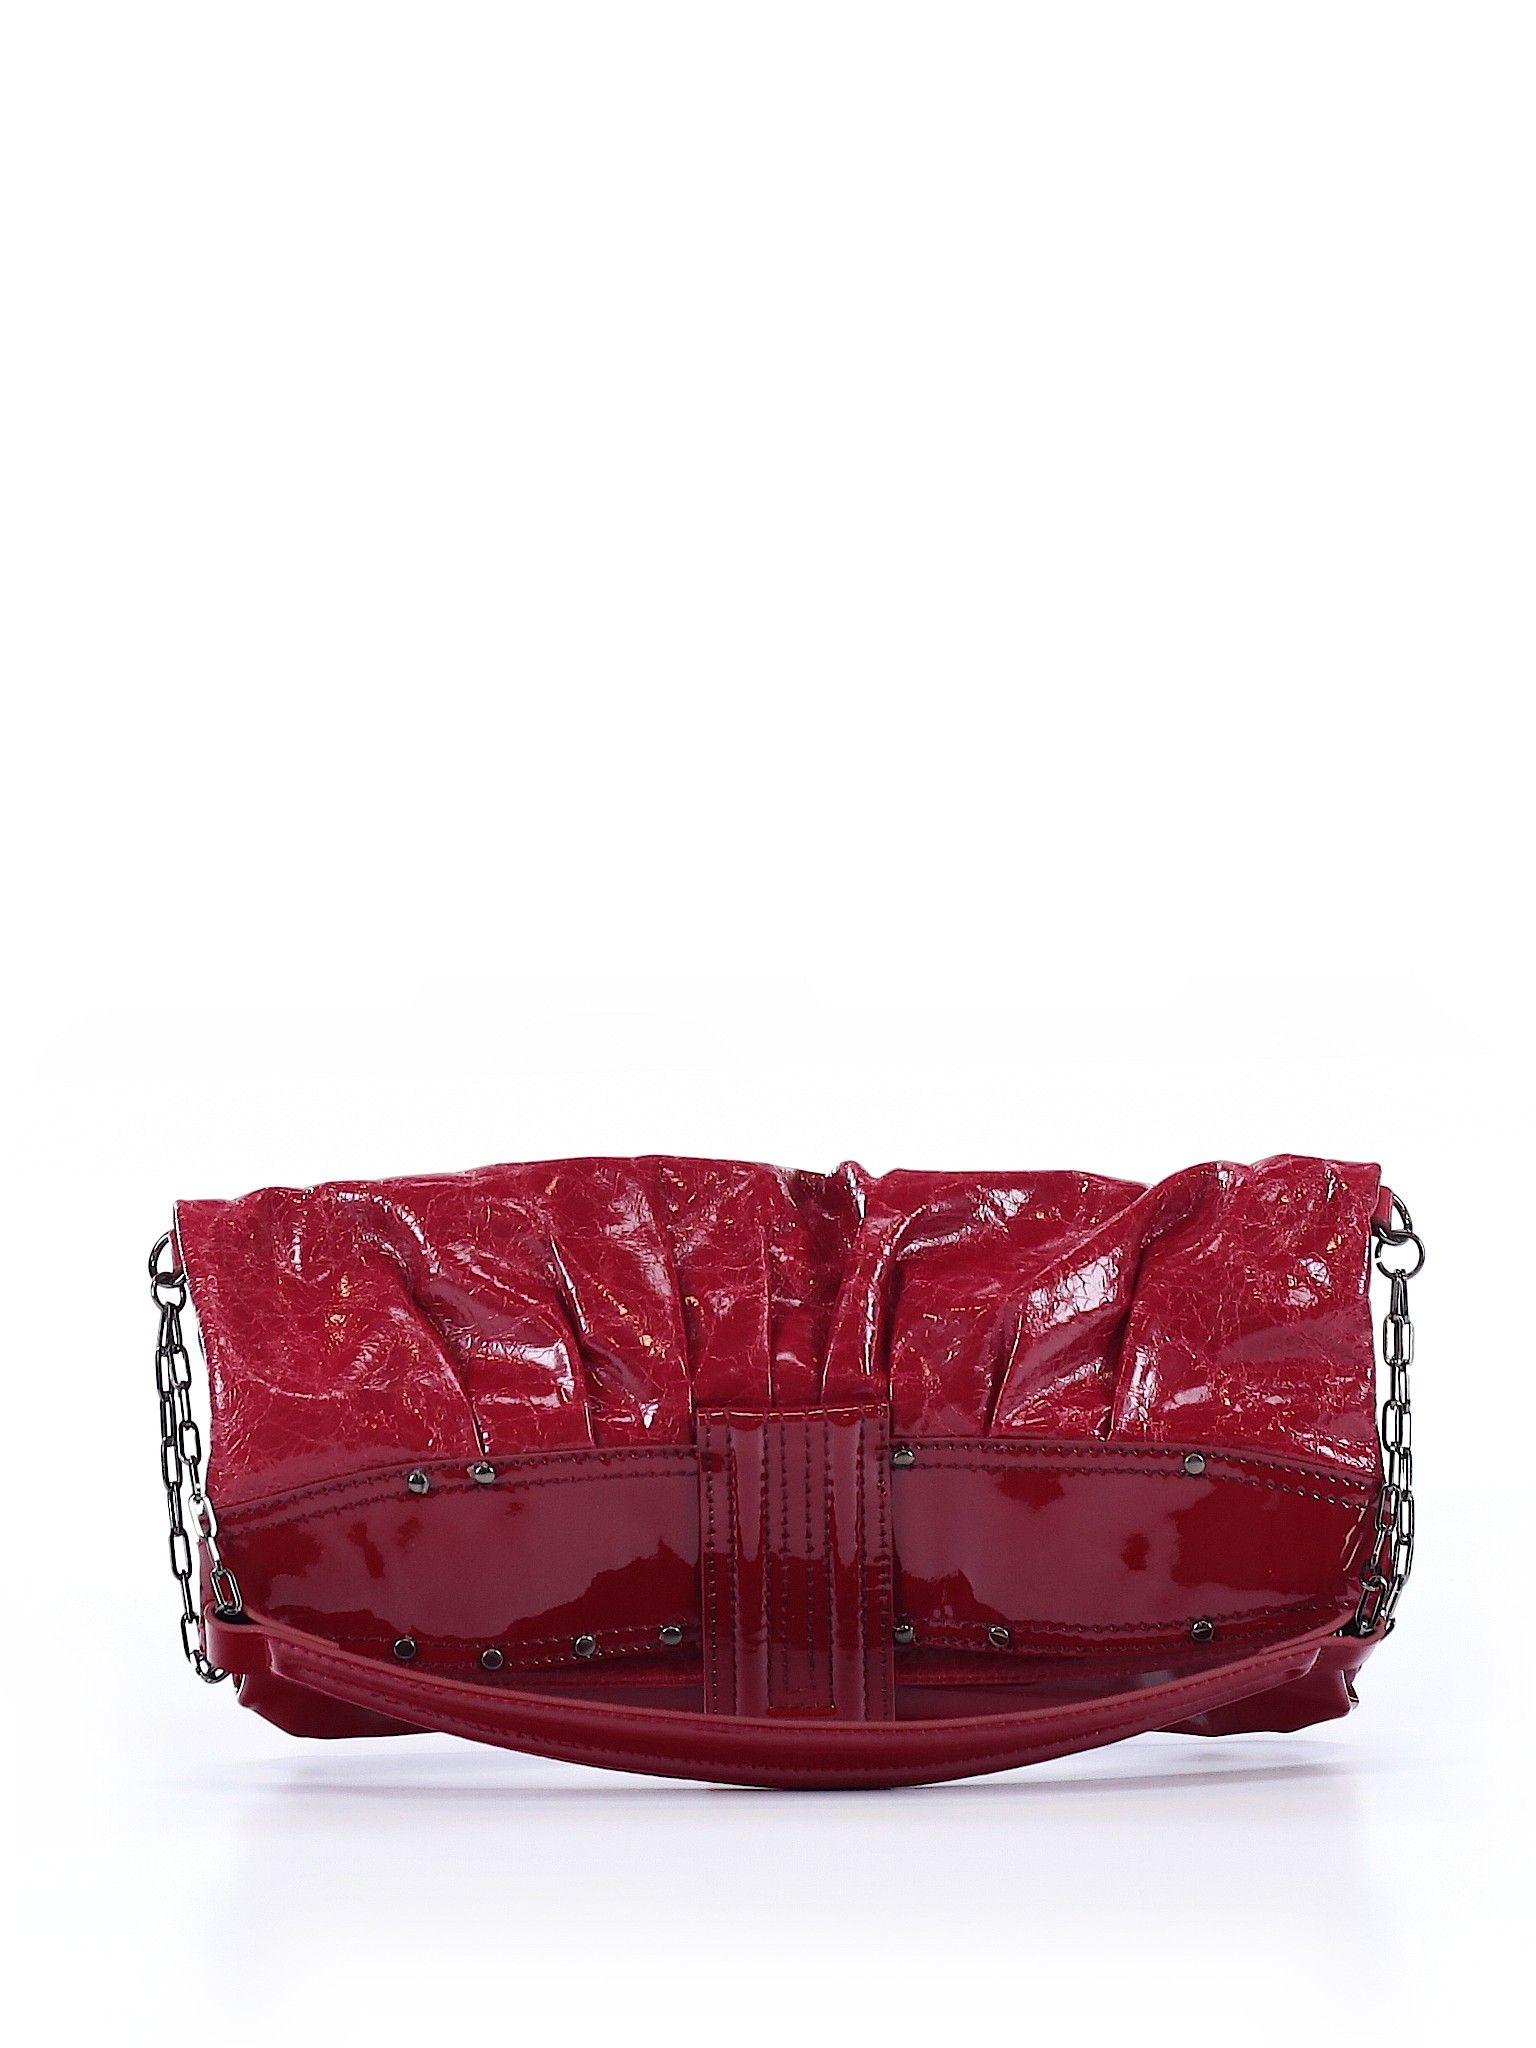 Accessories Shoulder Bag Women Red Solid Bags Second Hand Clothes Designer Handbags On Sale Shoulder Bag